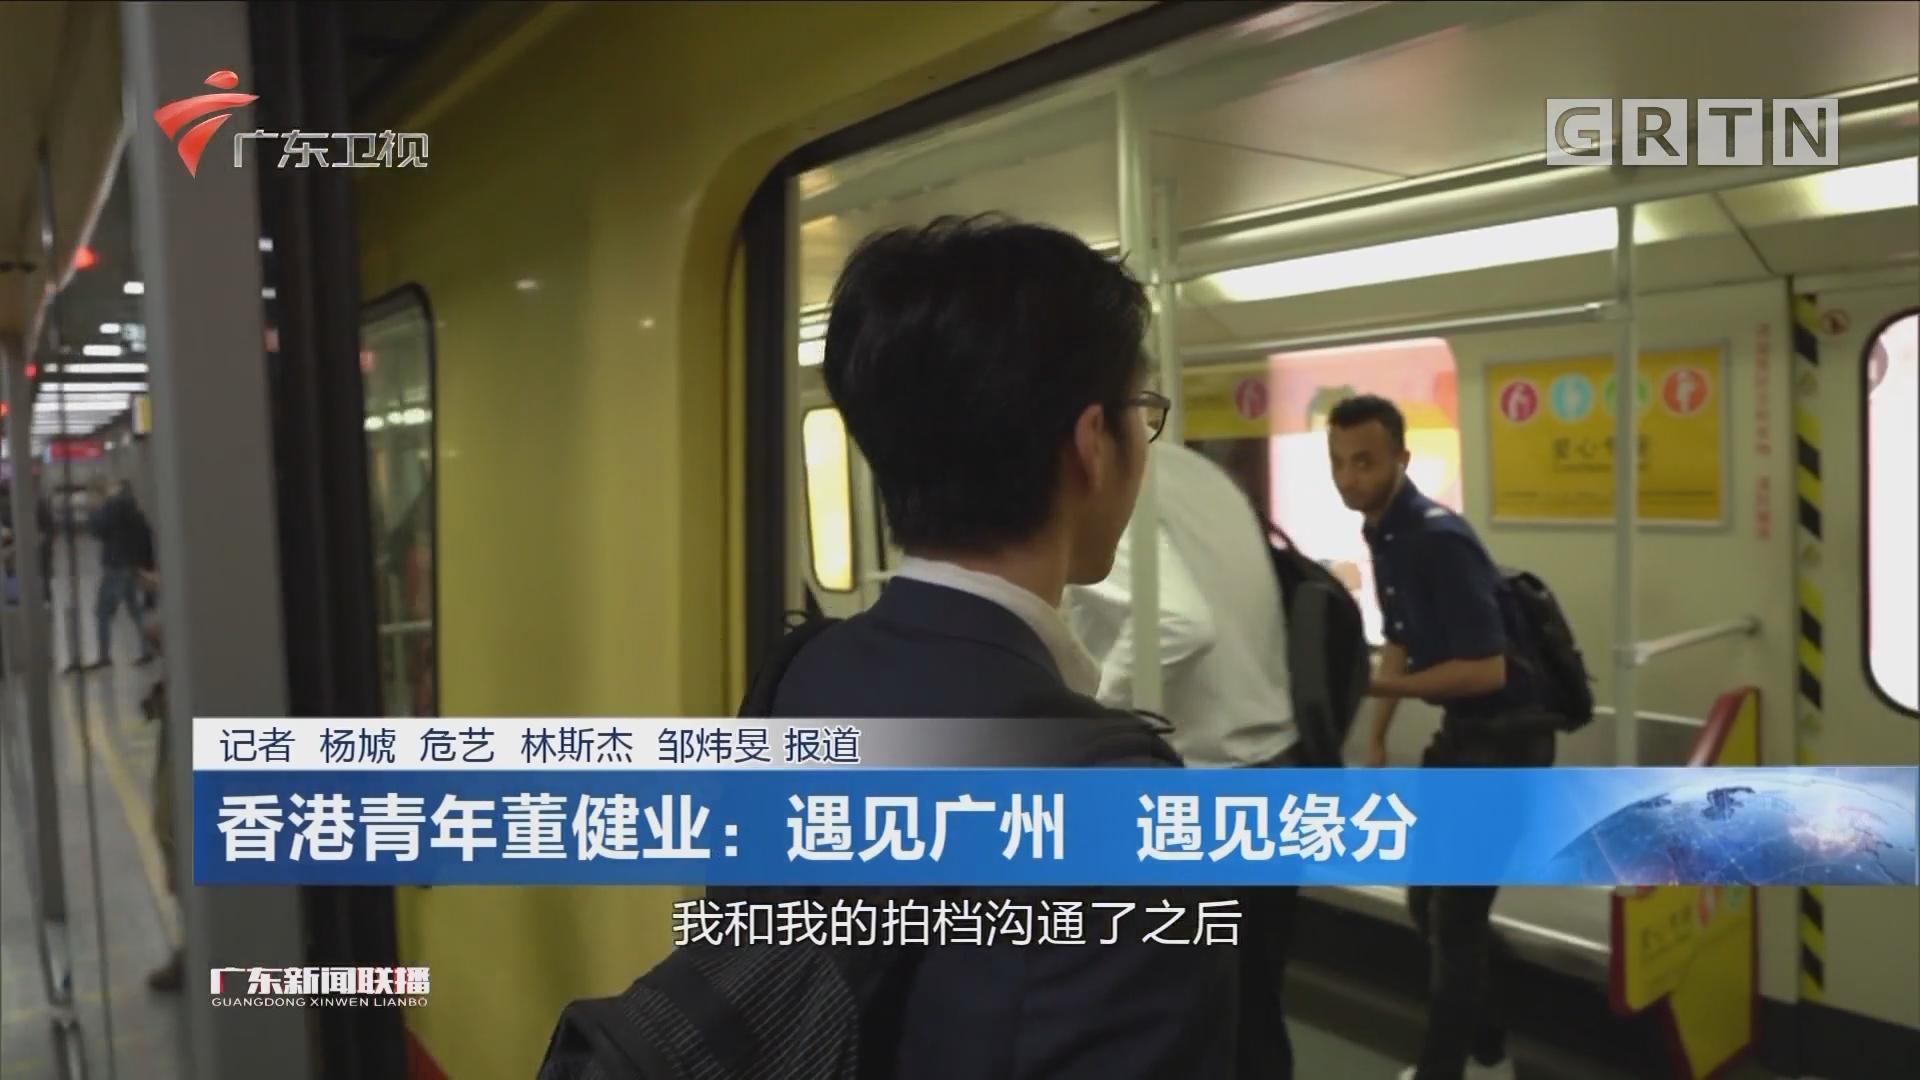 香港青年董健业:遇见广州 遇见缘分